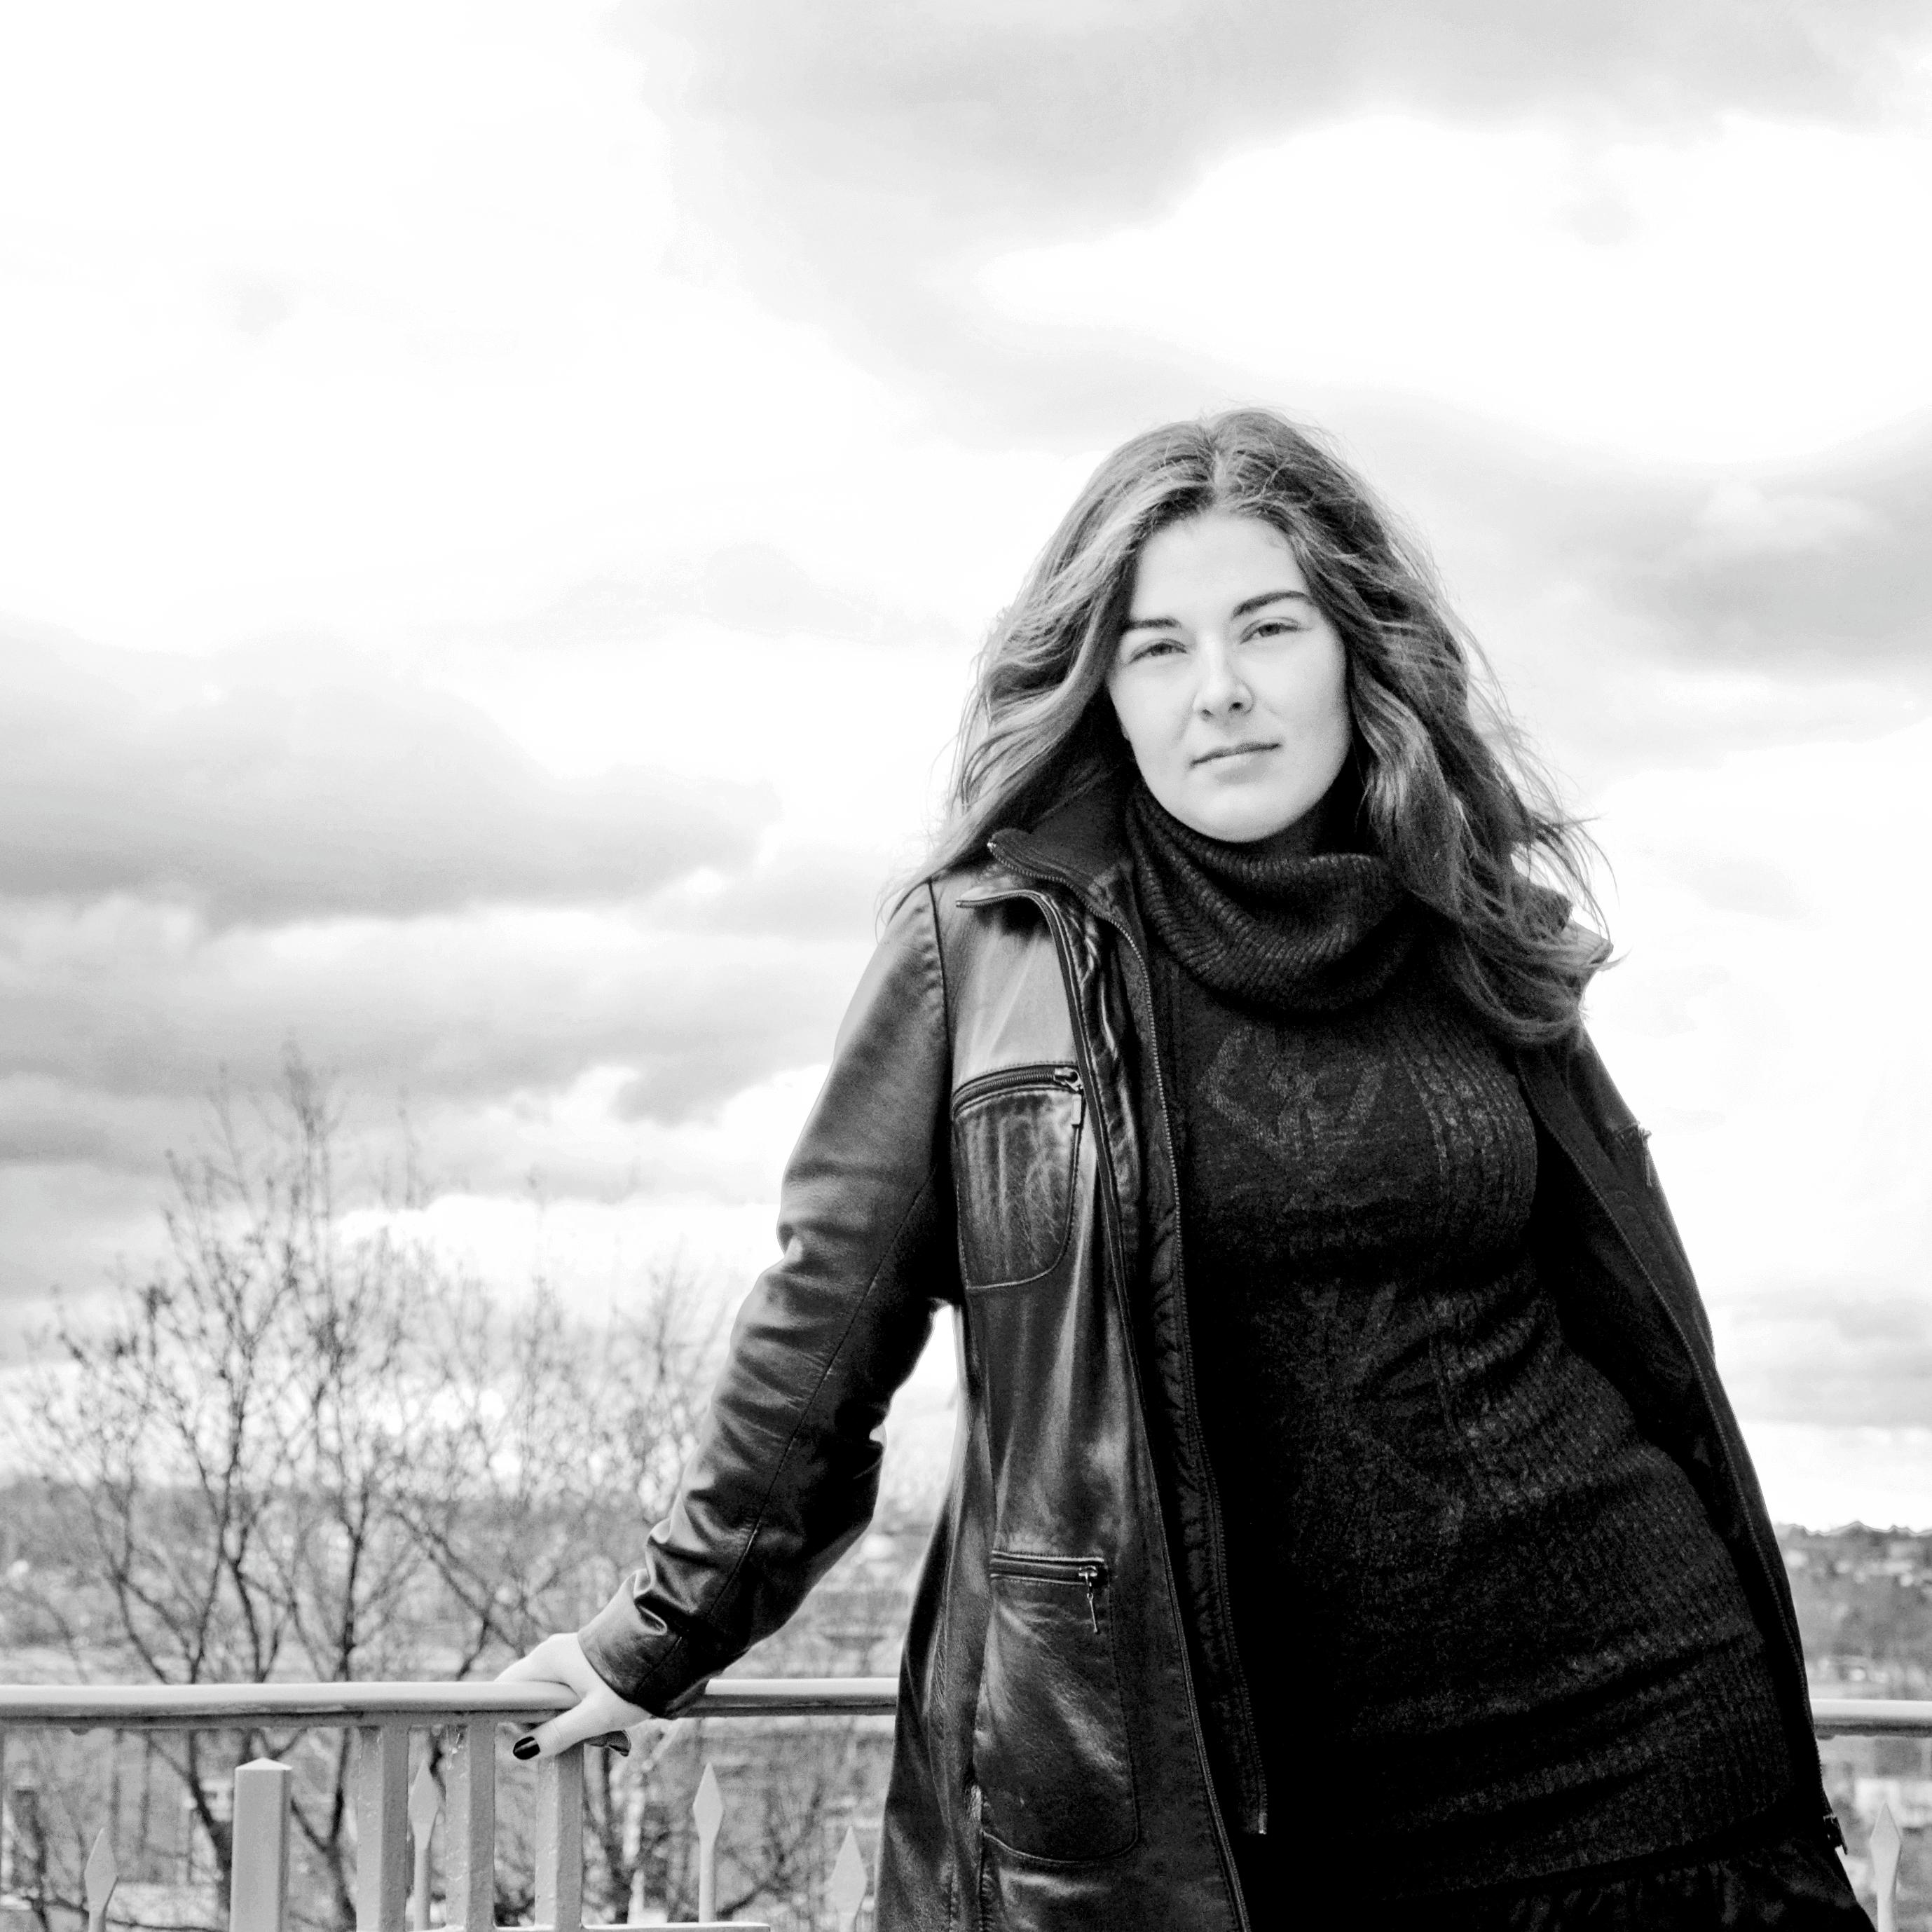 Marianne Verville